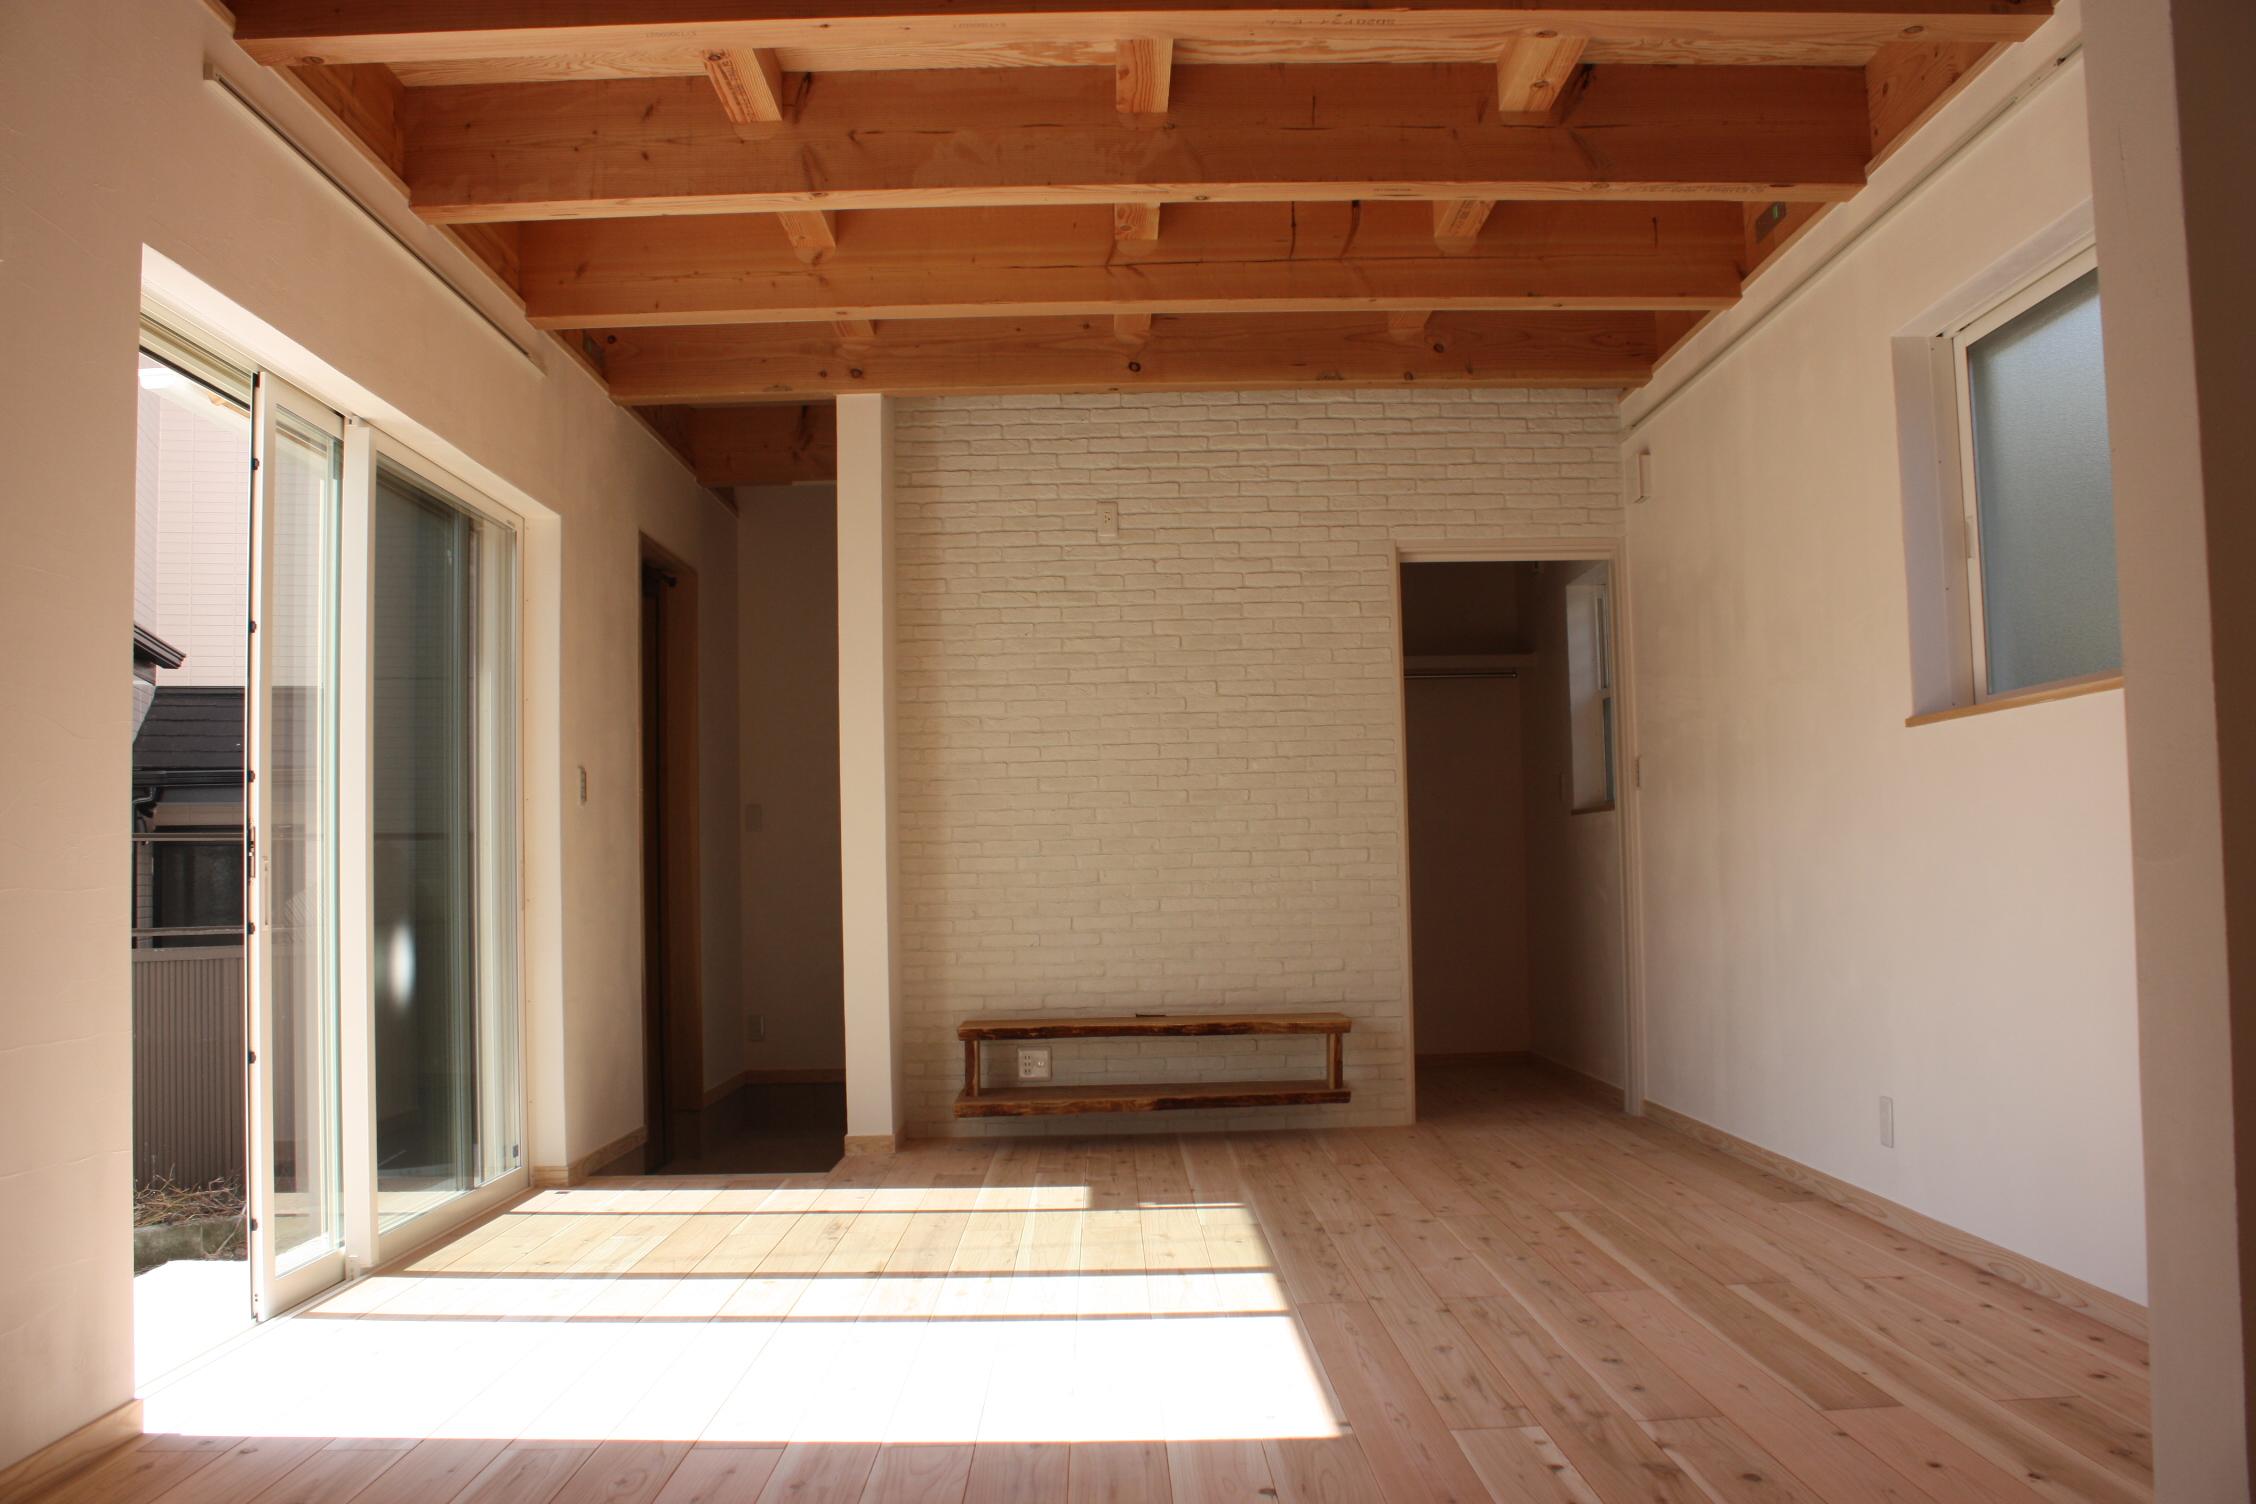 室内の床はすべて無垢のフローリング